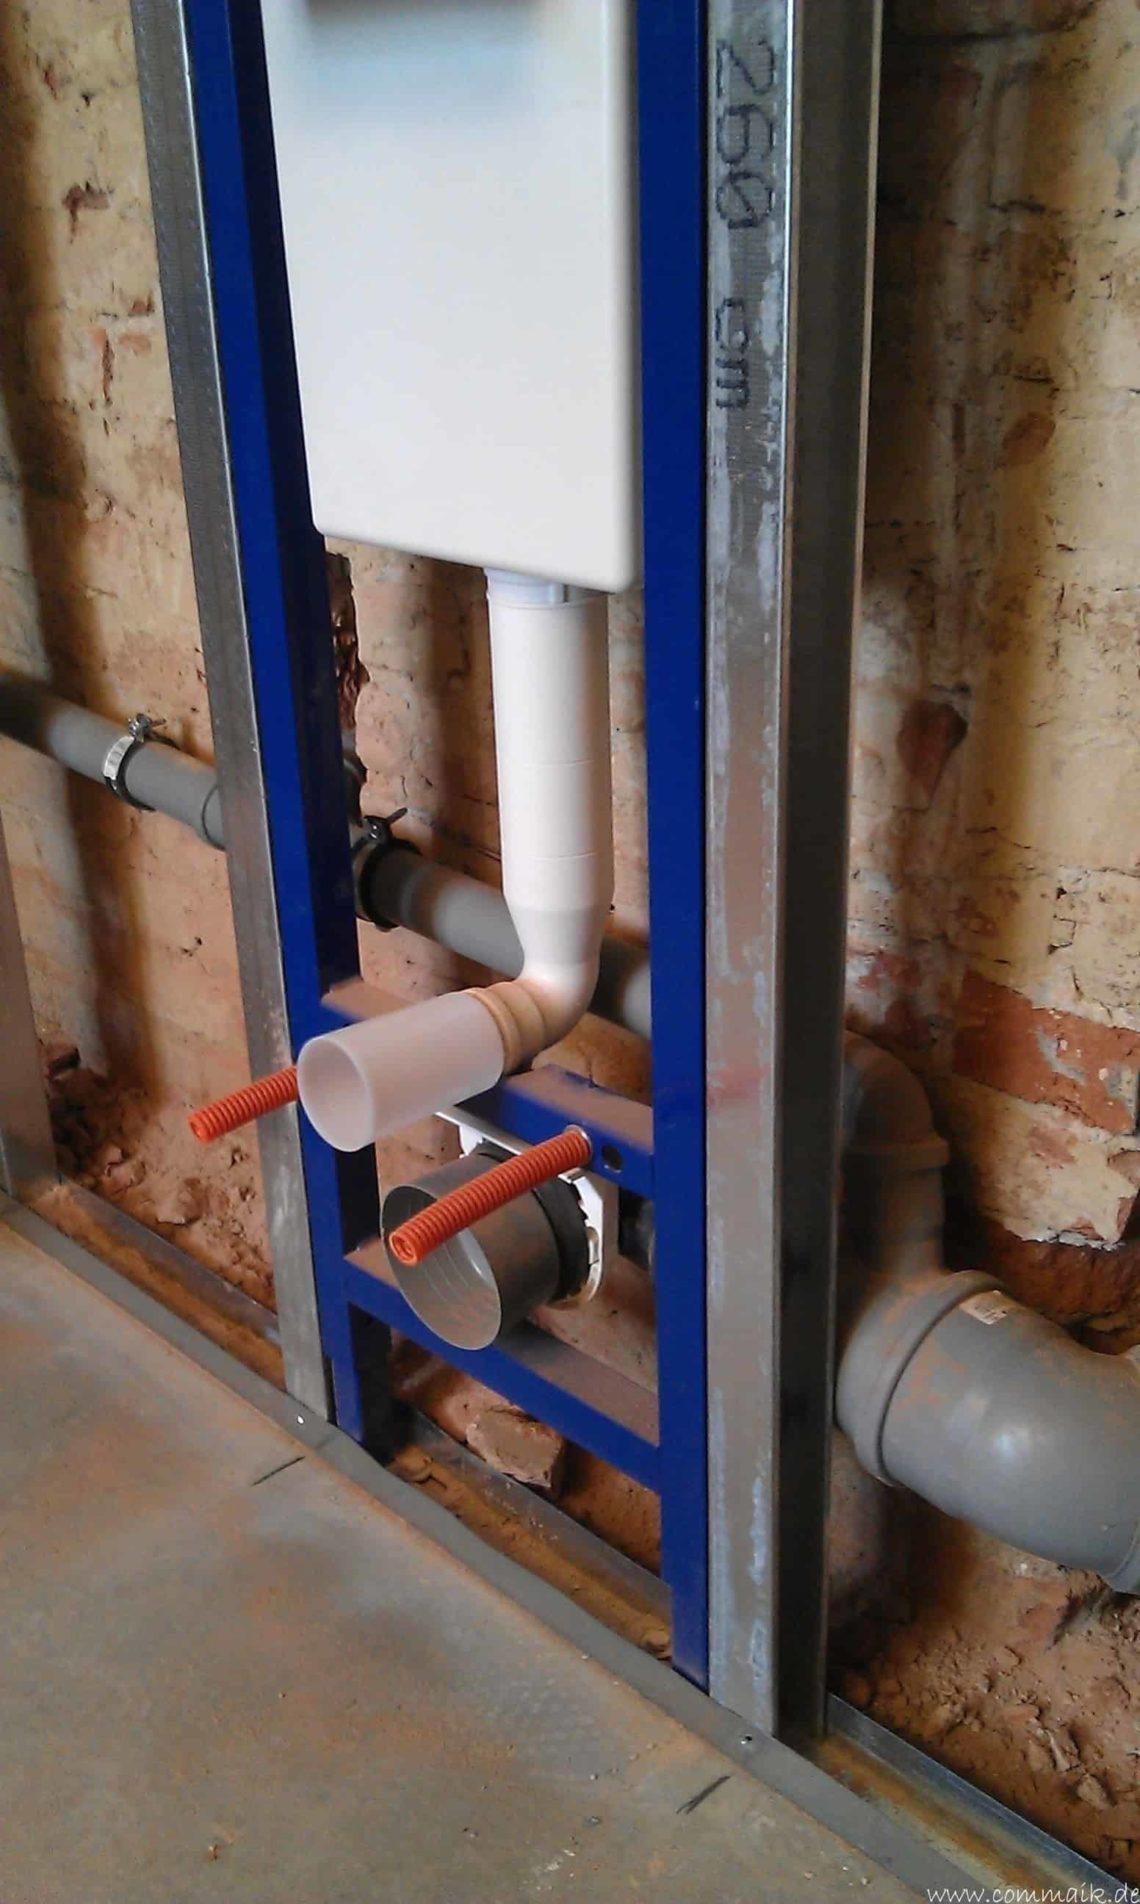 buero im keller bauen25 - Trockenbau und Sanitärinstallation im Keller - Die Kundentoilette entsteht